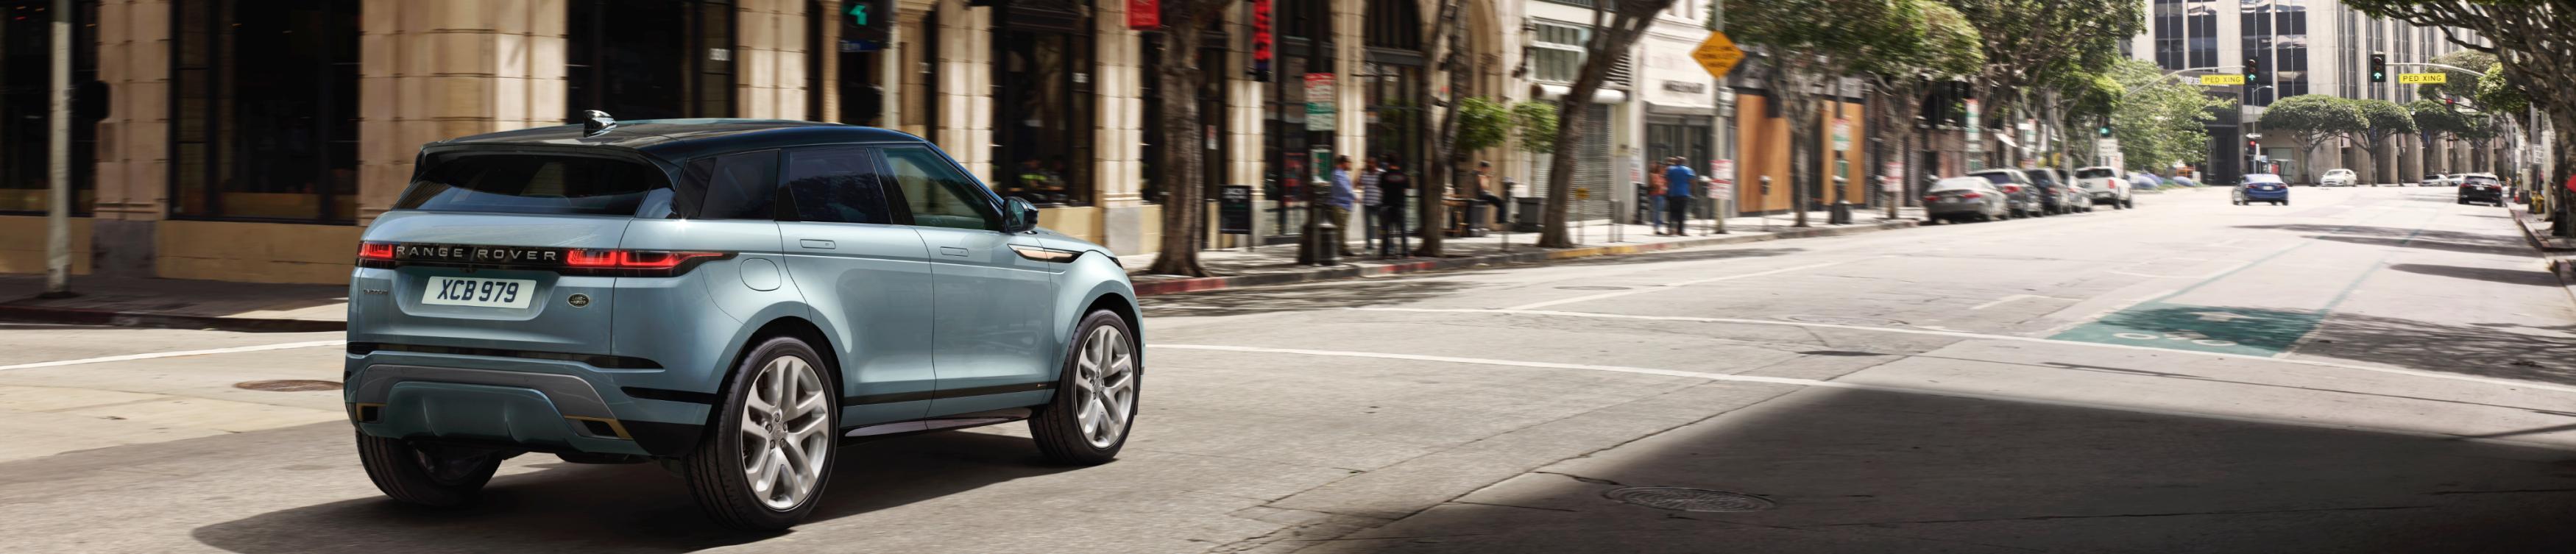 Ein blaues Auto auf einer Straße